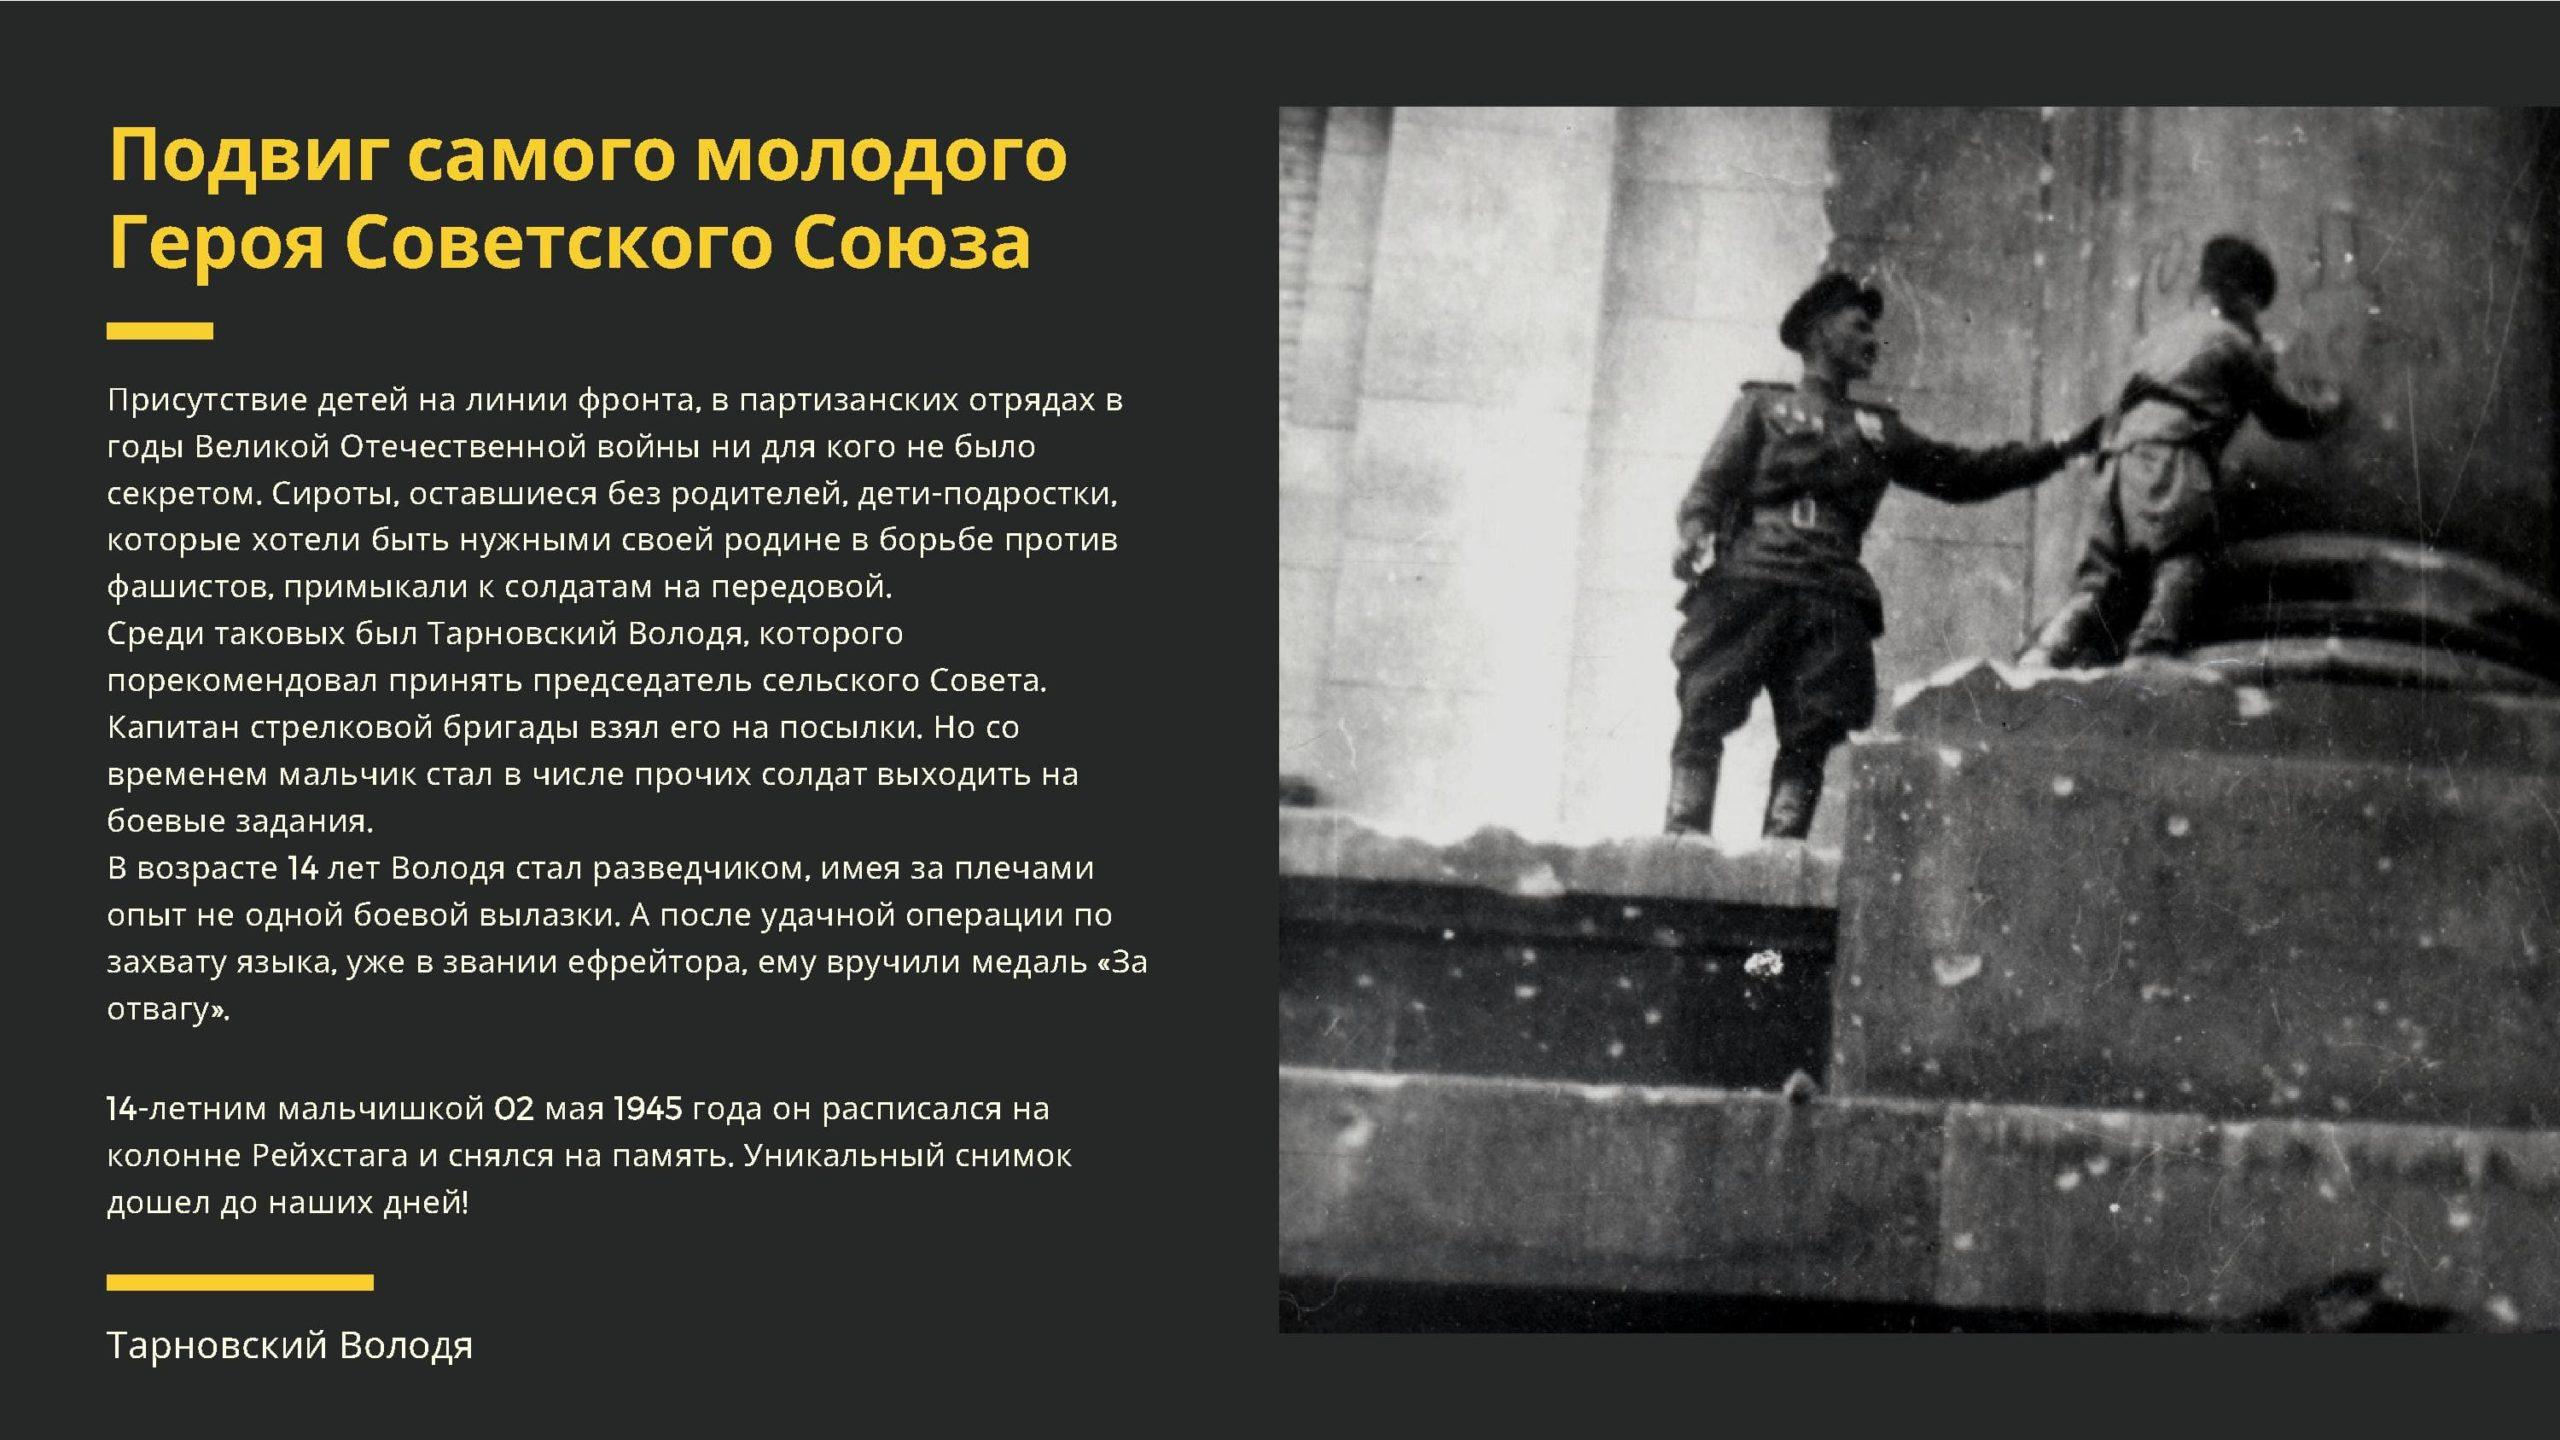 Подвиг самого молодого героя Советского Союза